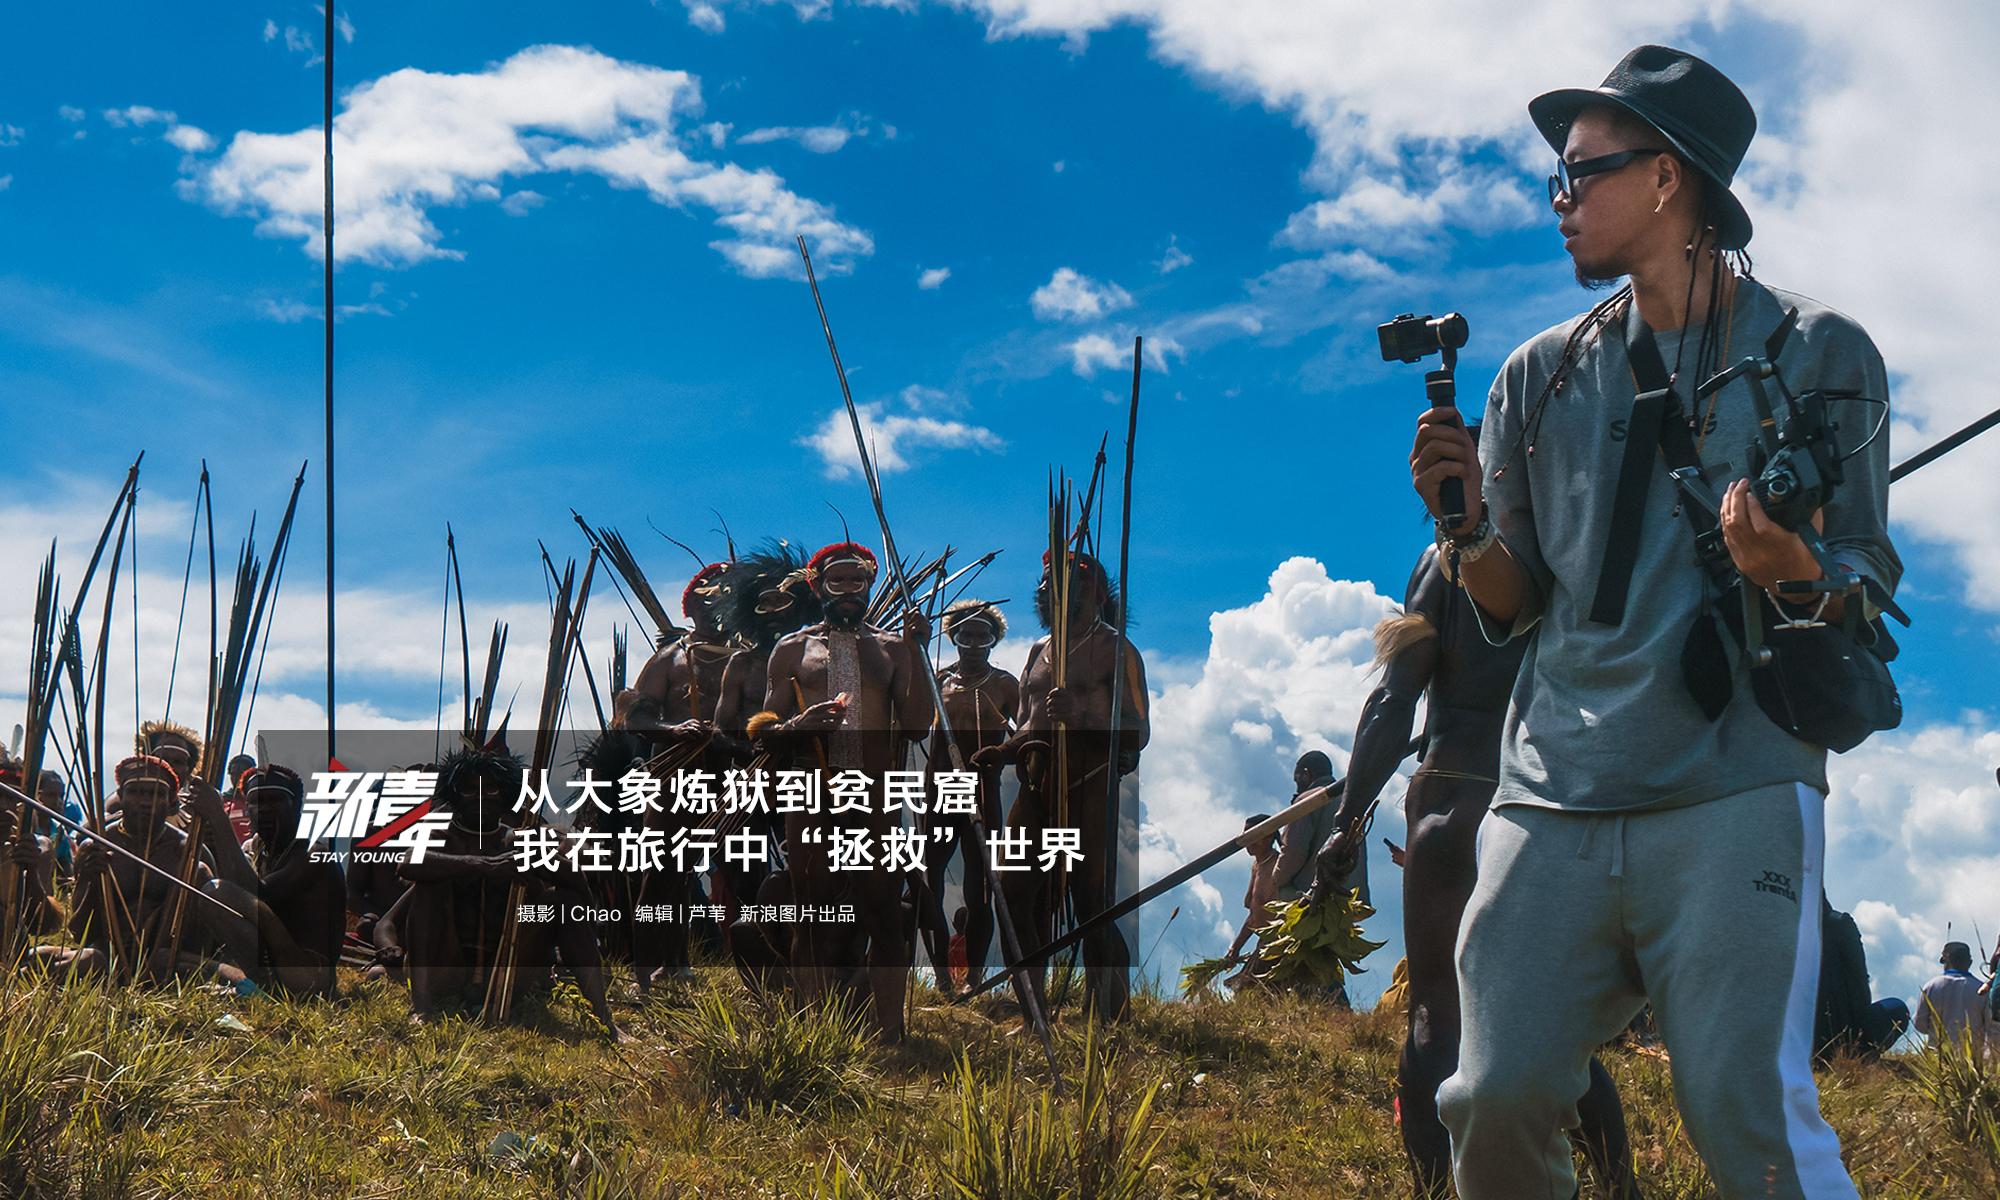 2019年中国军队开展国际军事交流与合作回顾